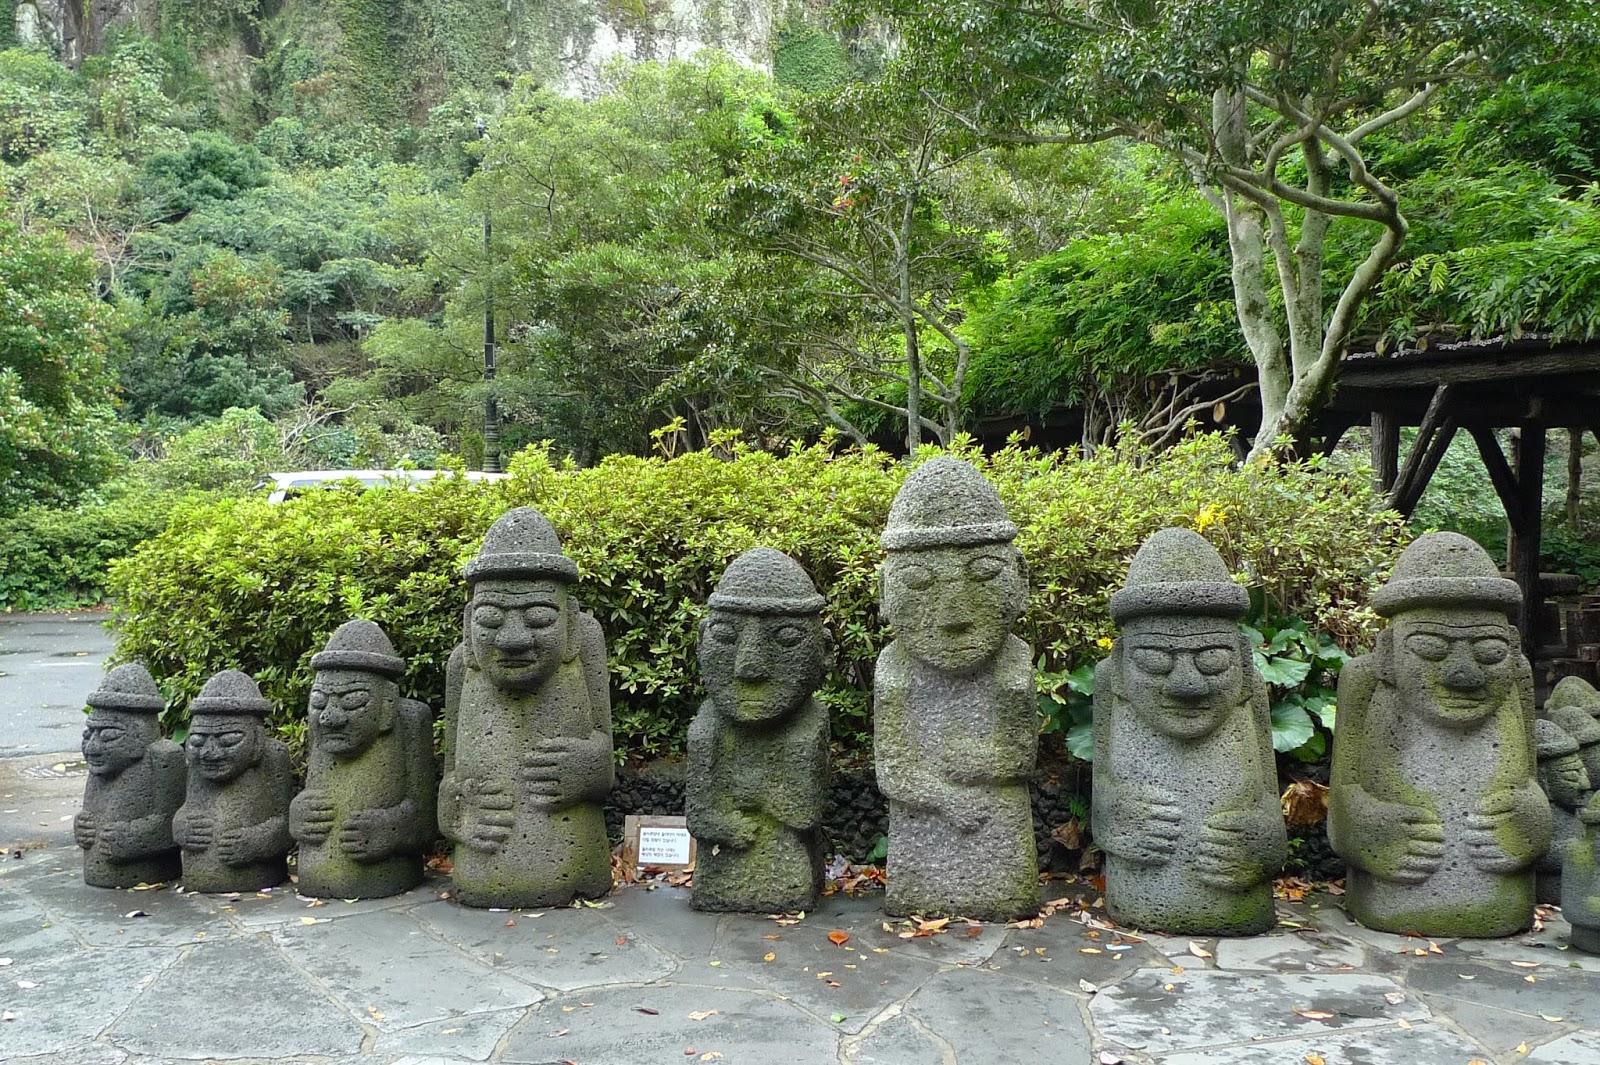 مجسمه های پدربزرگ سنگی